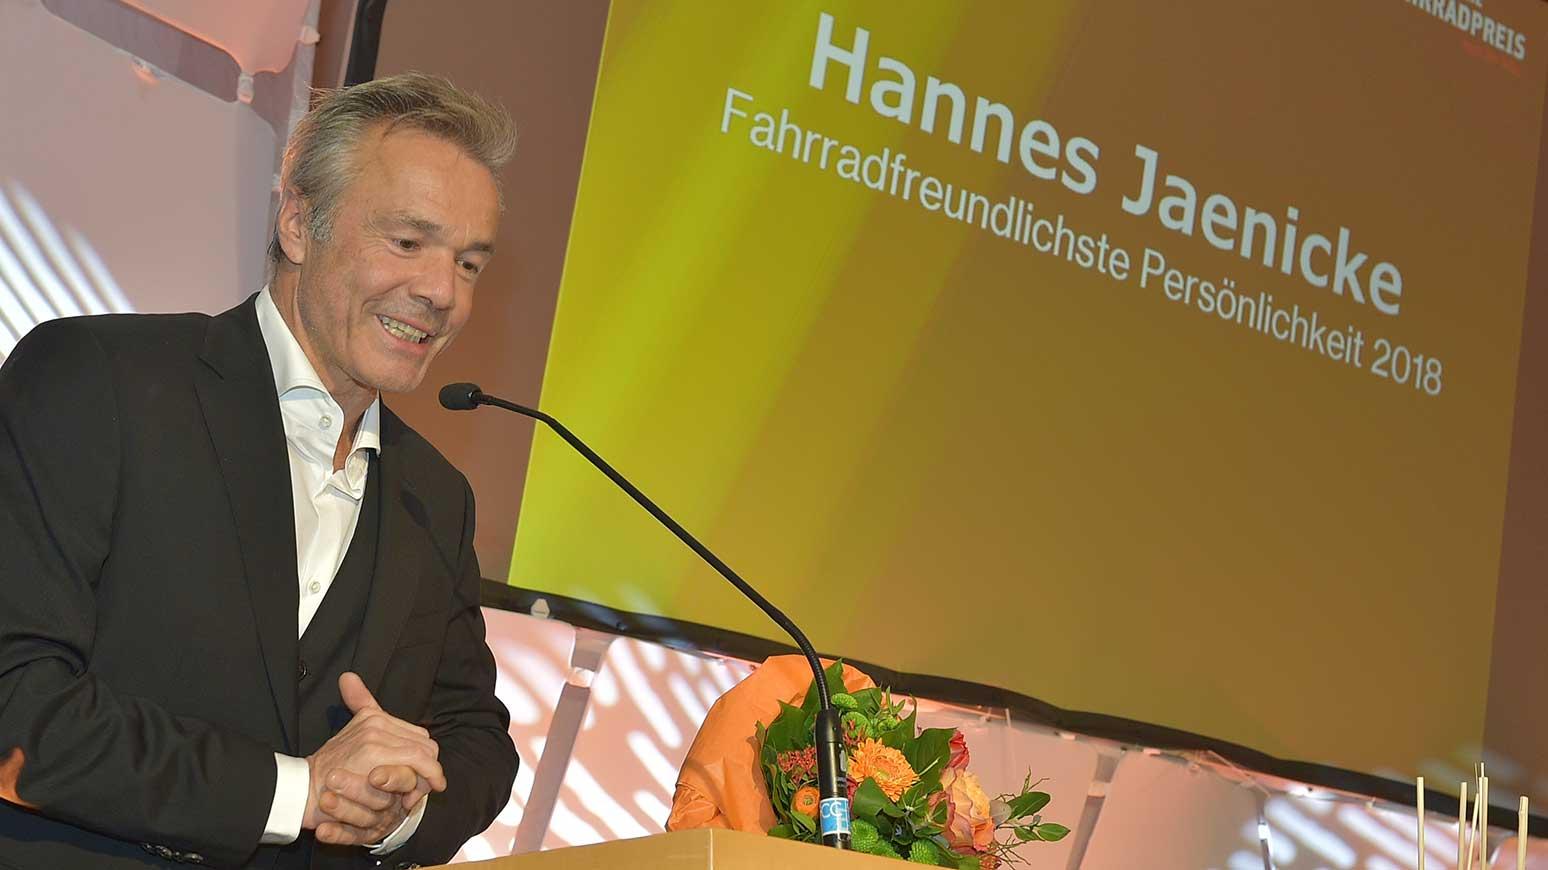 Der Schauspieler Hannes Jaenicke ist als fahrradfreundlichste Persönlichkeit 2018 ausgezeichnet worden